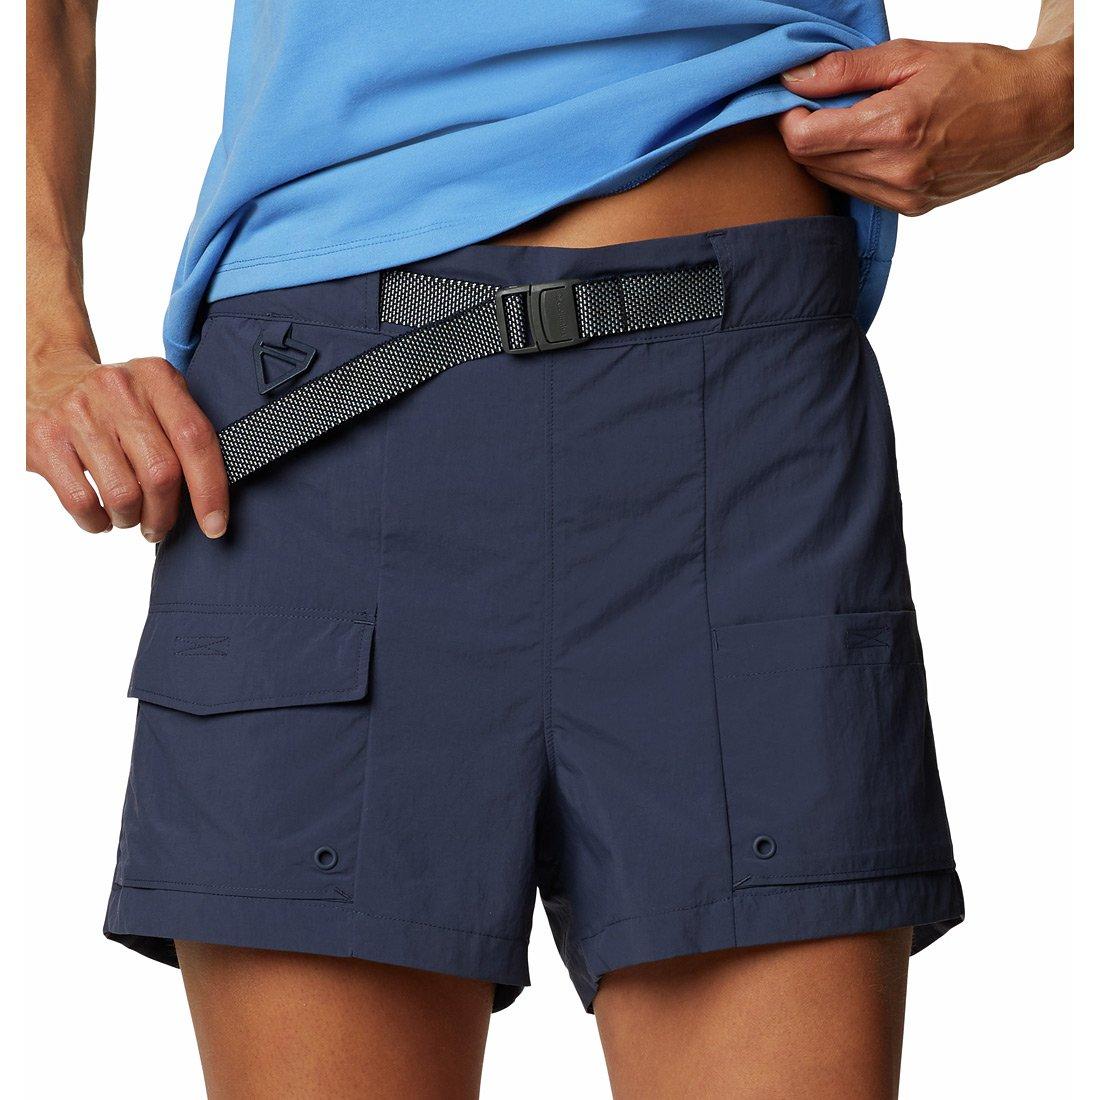 מכנסיים קצרים לנשים - W Summerdry Cargo Short - Columbia